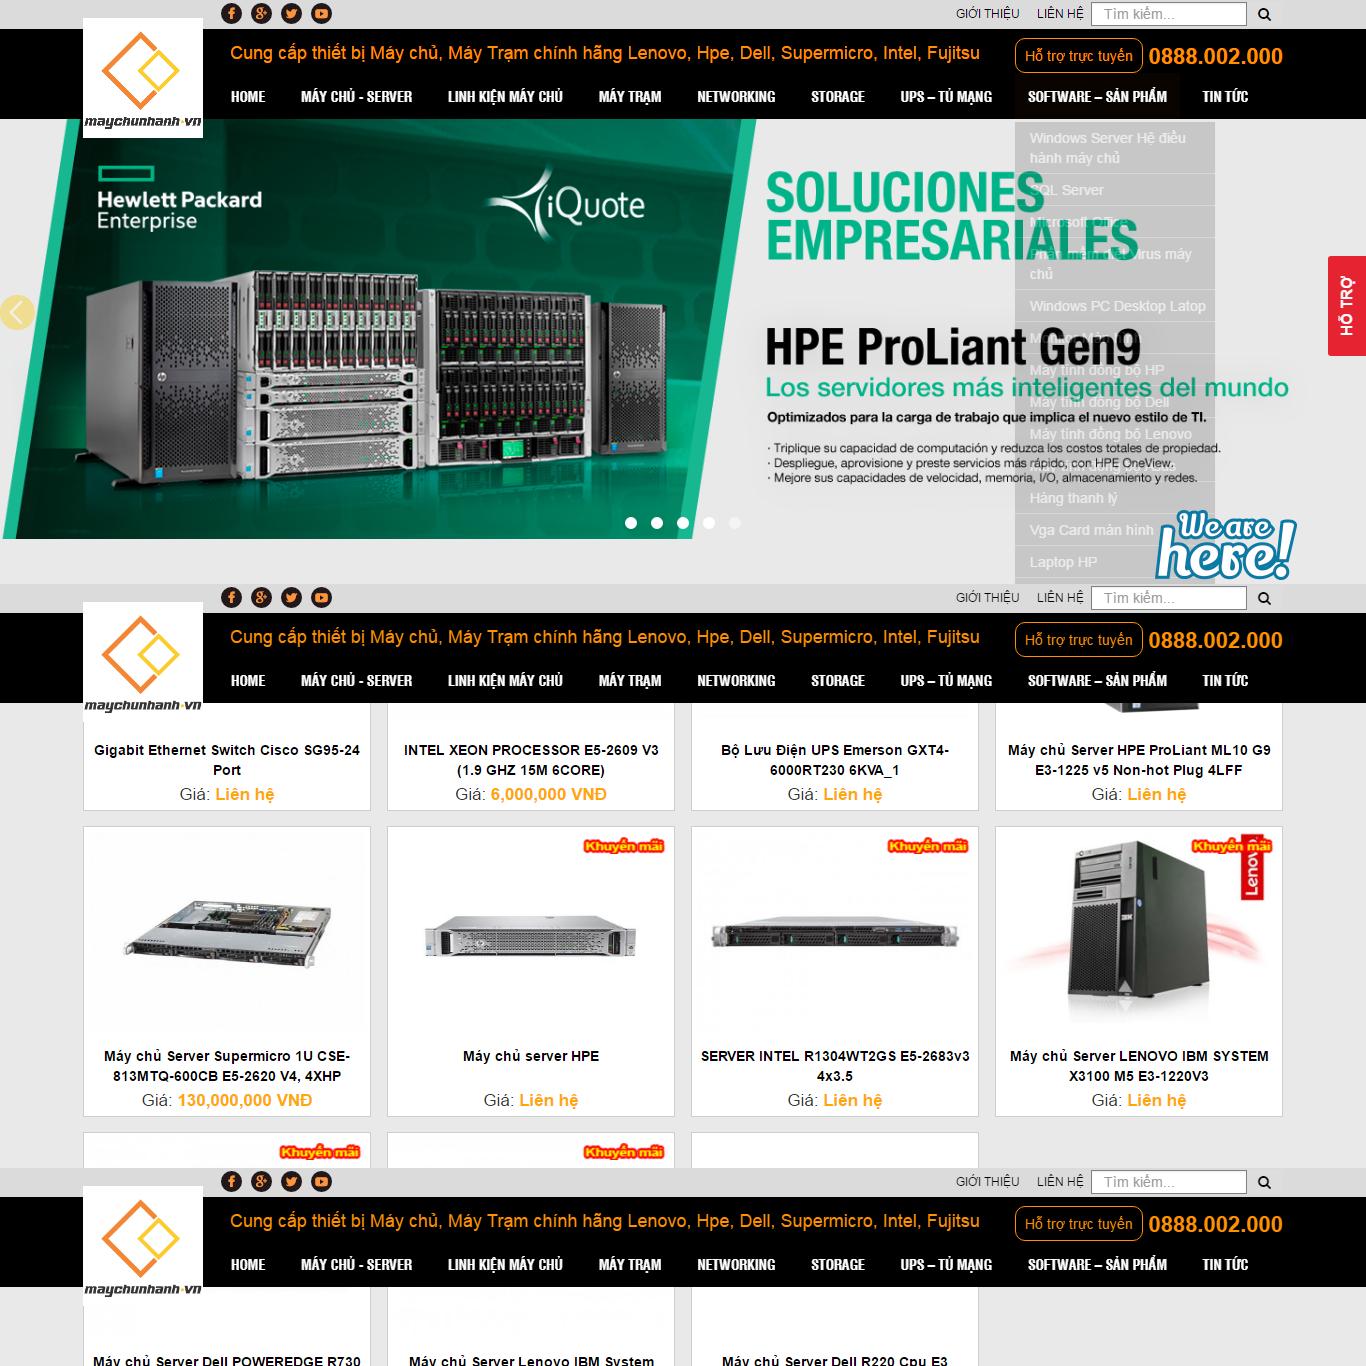 web máy server, web bán hàng, máy chủ, bán máy tính